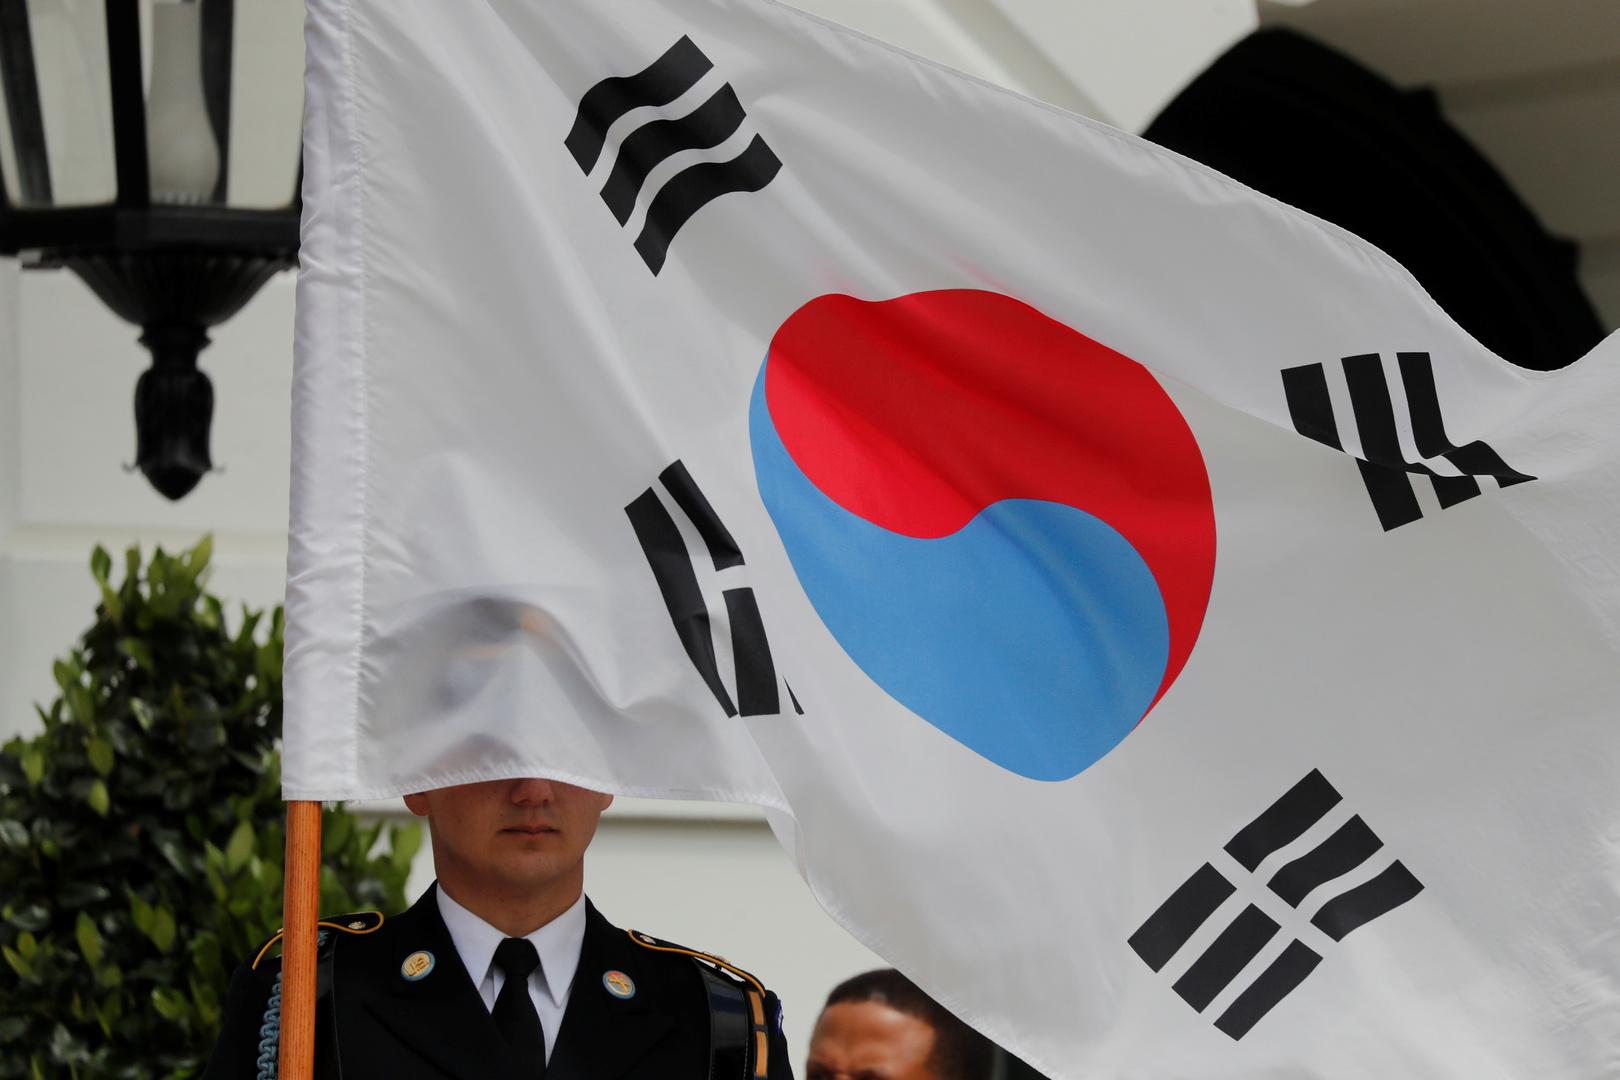 كوريا الجنوبية ترد على الشمال: المناورات مع واشنطن لا يجب أن تخلق توترا